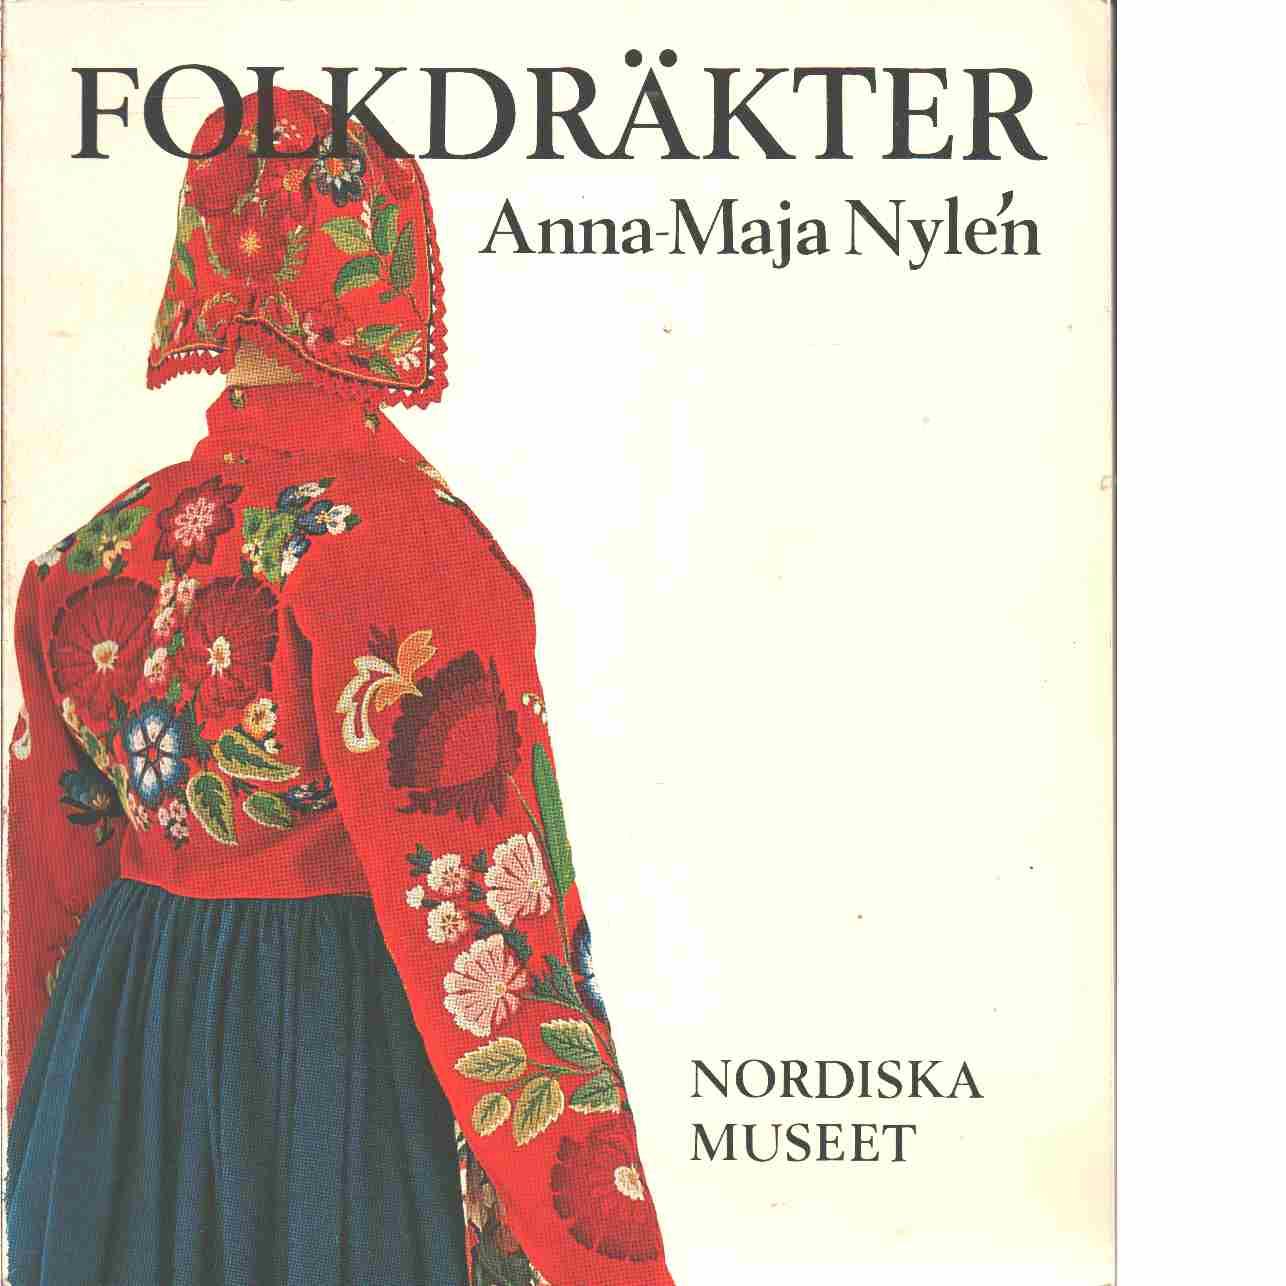 Folkdräkter ur Nordiska museets samlingar  - Nylén, Anna-Maja